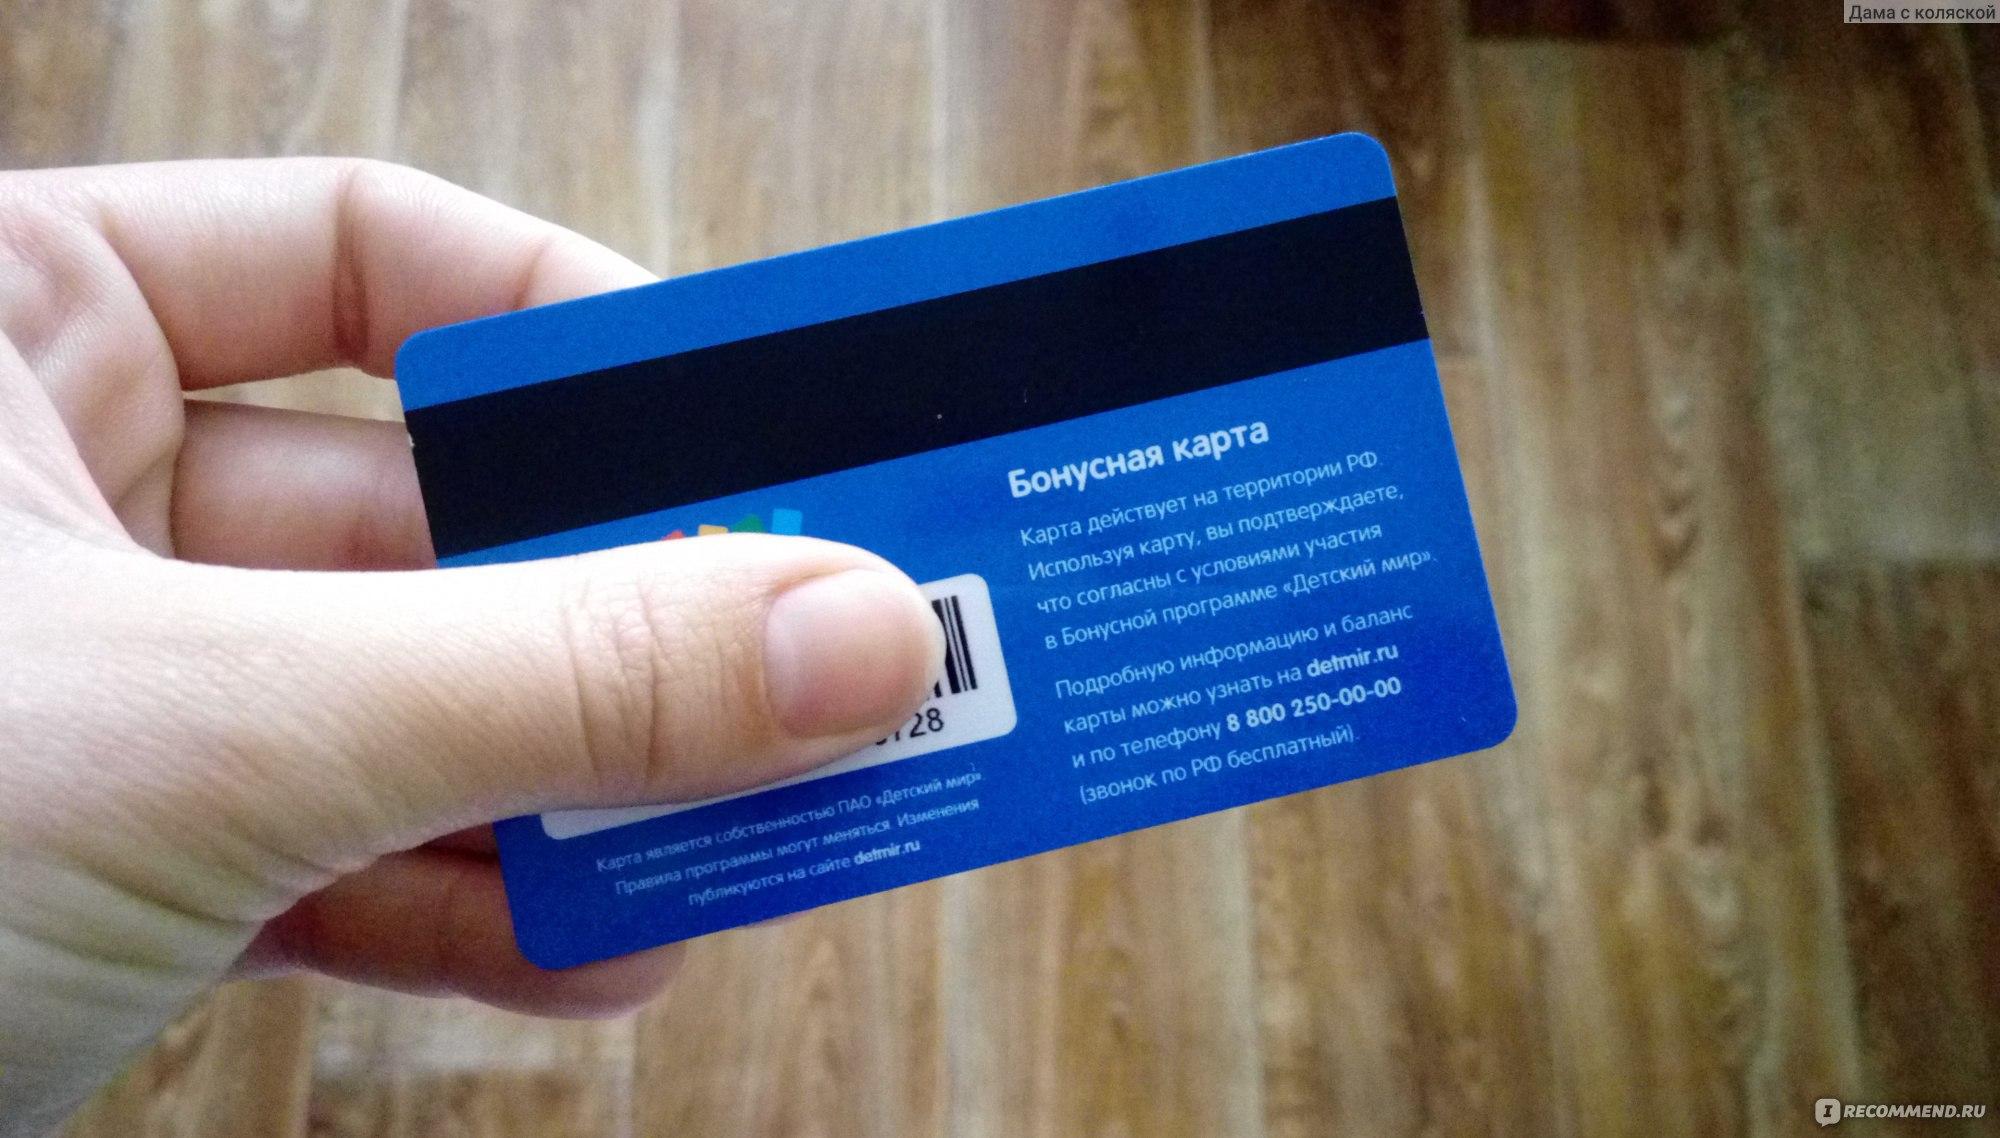 00b11c68a Детский мир, Сеть магазинов - «Детский мир: ВСЁ о бонусных картах ...